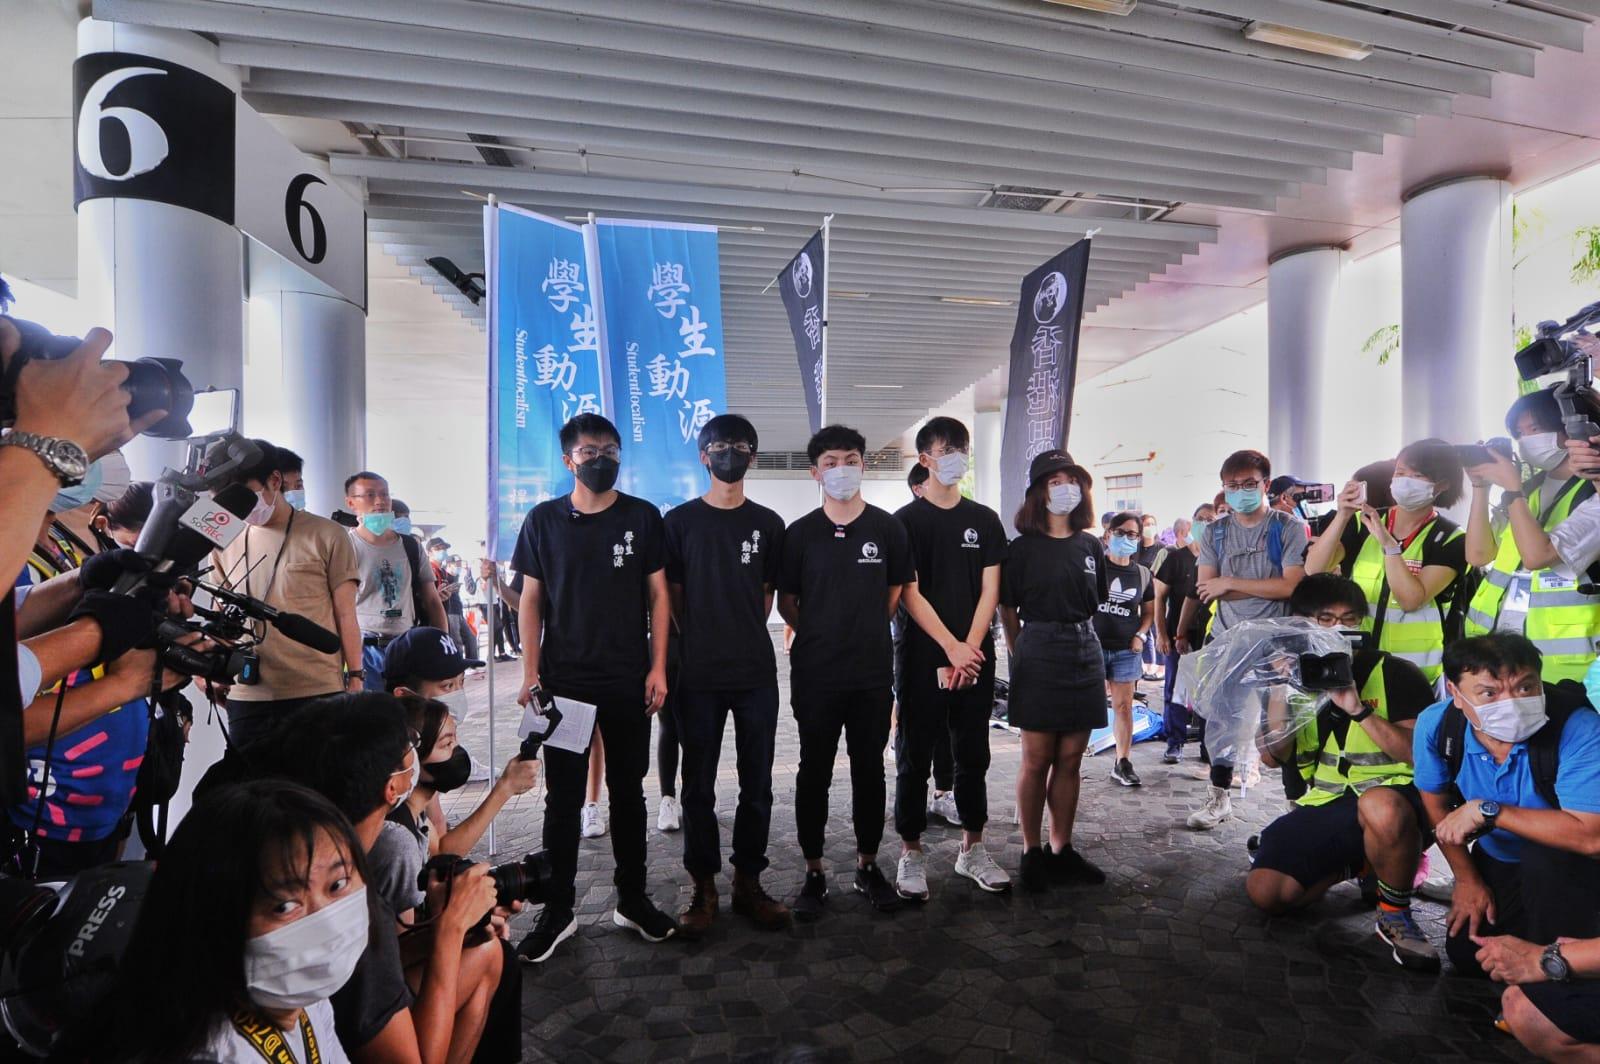 去年6月7日,學生組織「學生動源」及「香港思流」等在尖沙咀碼頭擺設街站。(大紀元資料圖片)